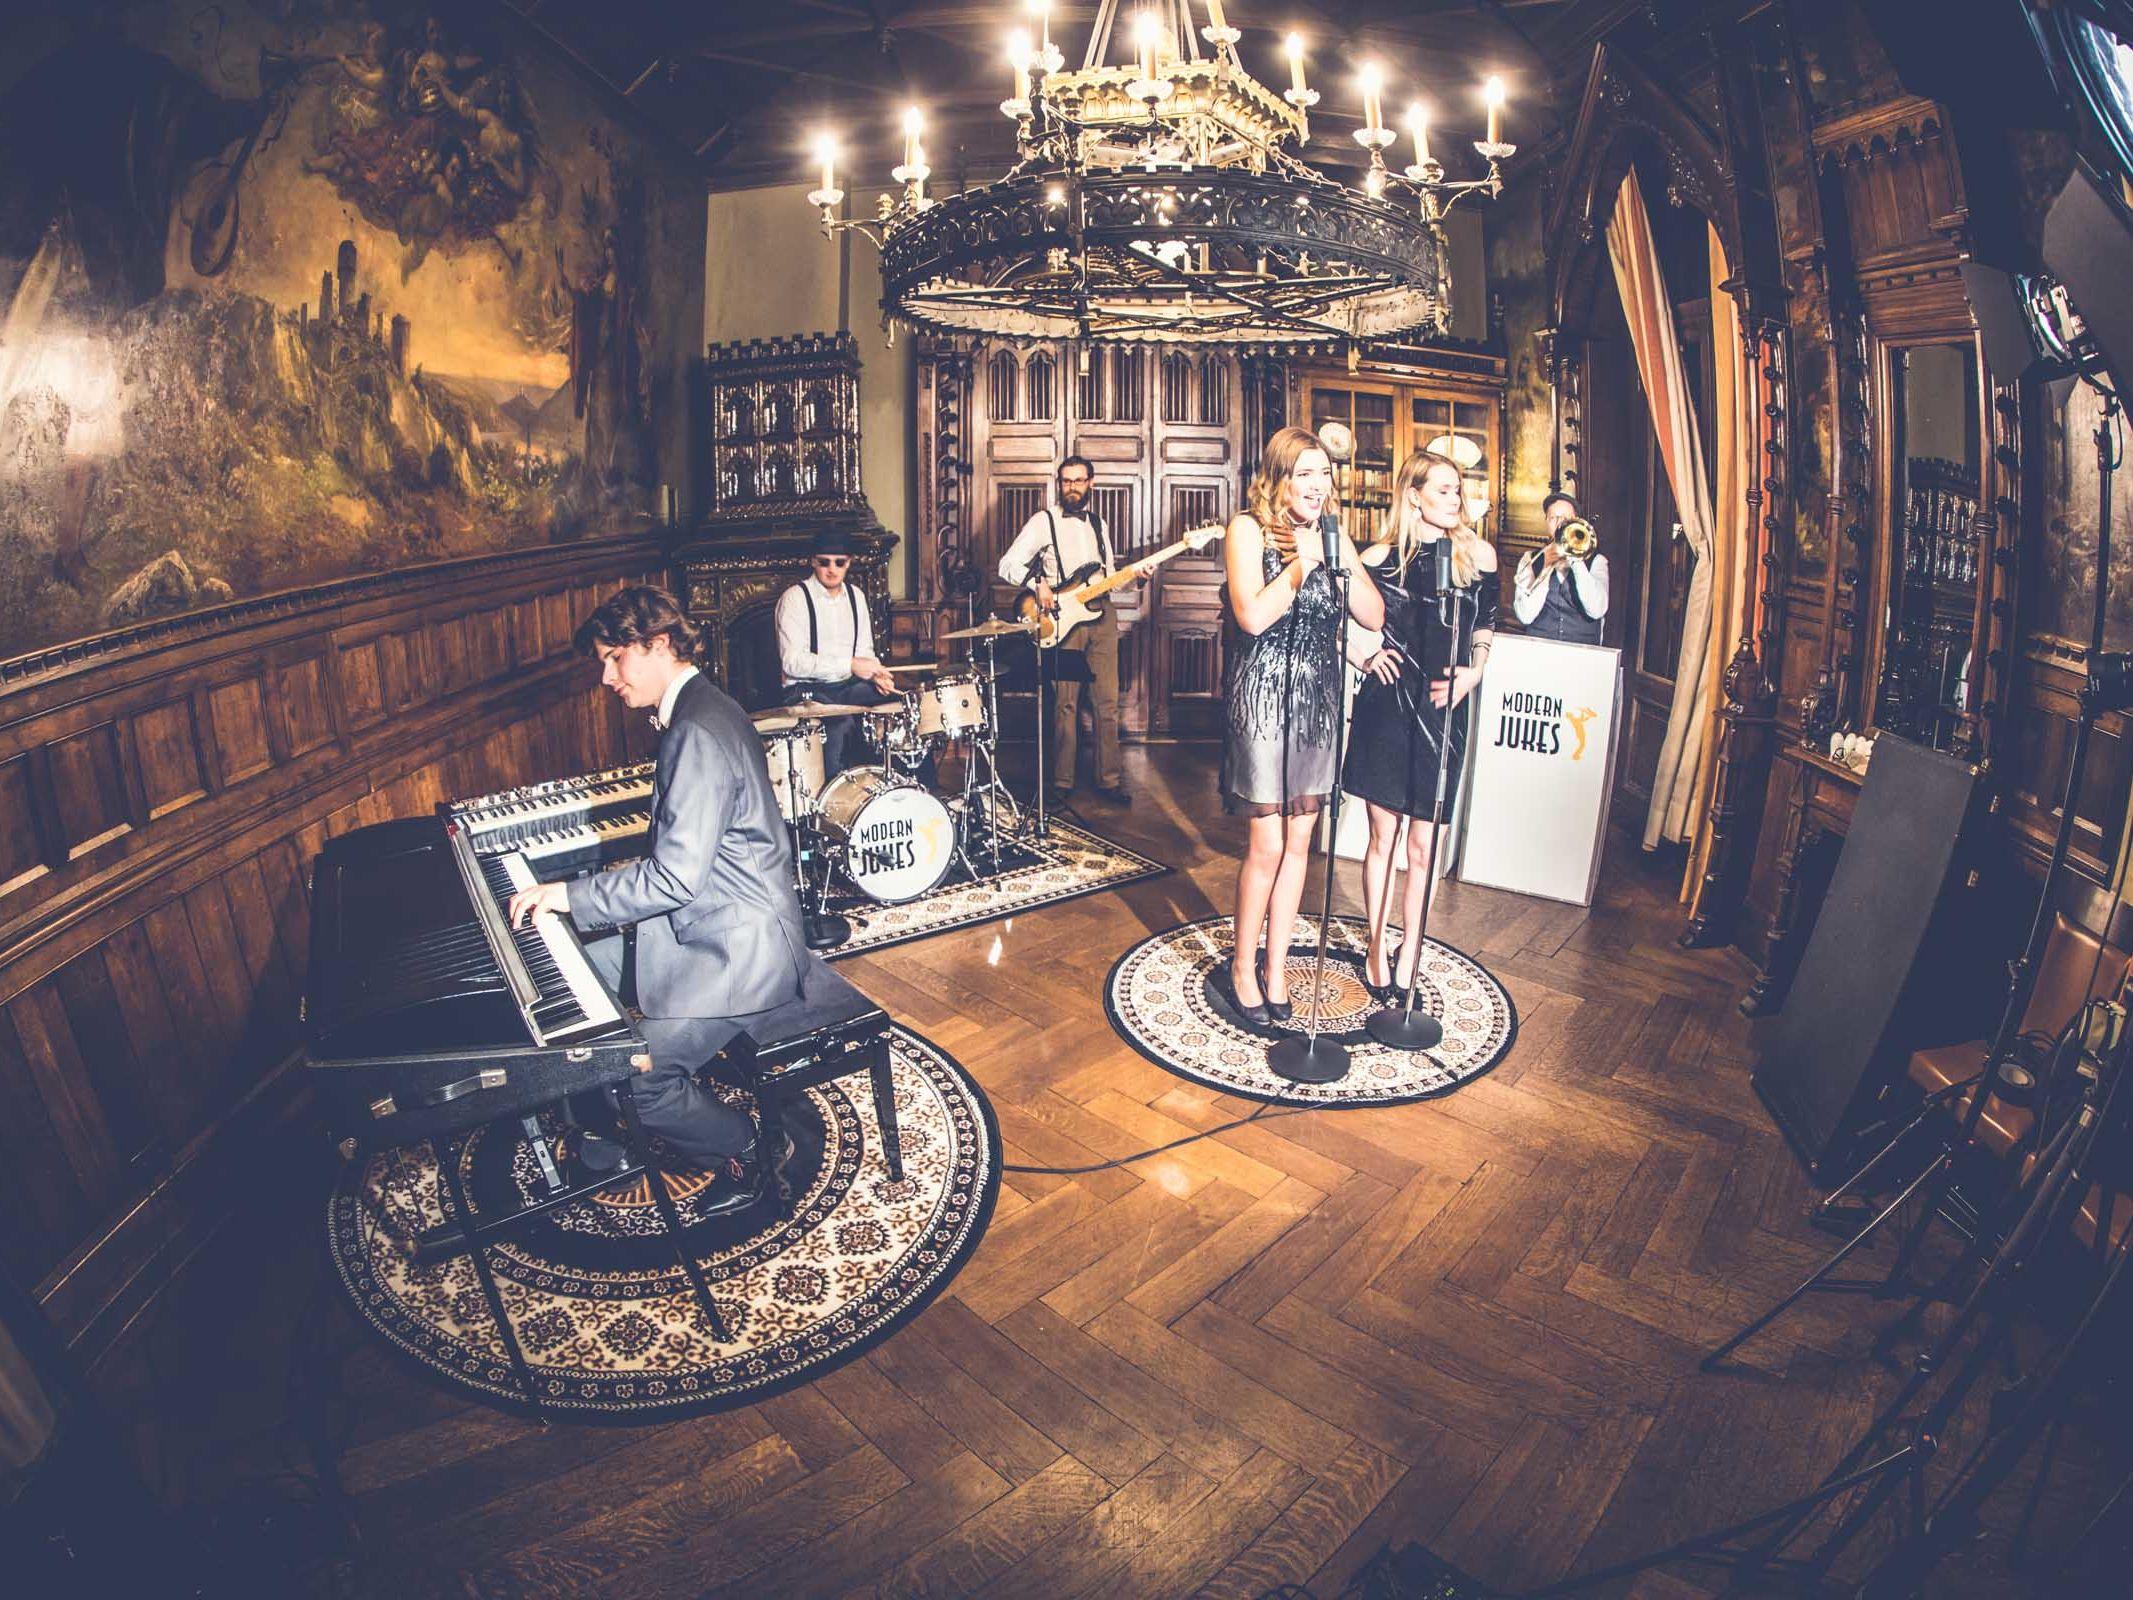 Band | Hochzeit | Hannover | Liveband | Partyband | Pop | Jazz | Swin | 90er | Charts | 80er | Messeparty | Lounge | Sänger | Messe | Firmenfeier | Charity | Gala | Buchen | Mieten | Anfragen | Lehmann | Eventservice